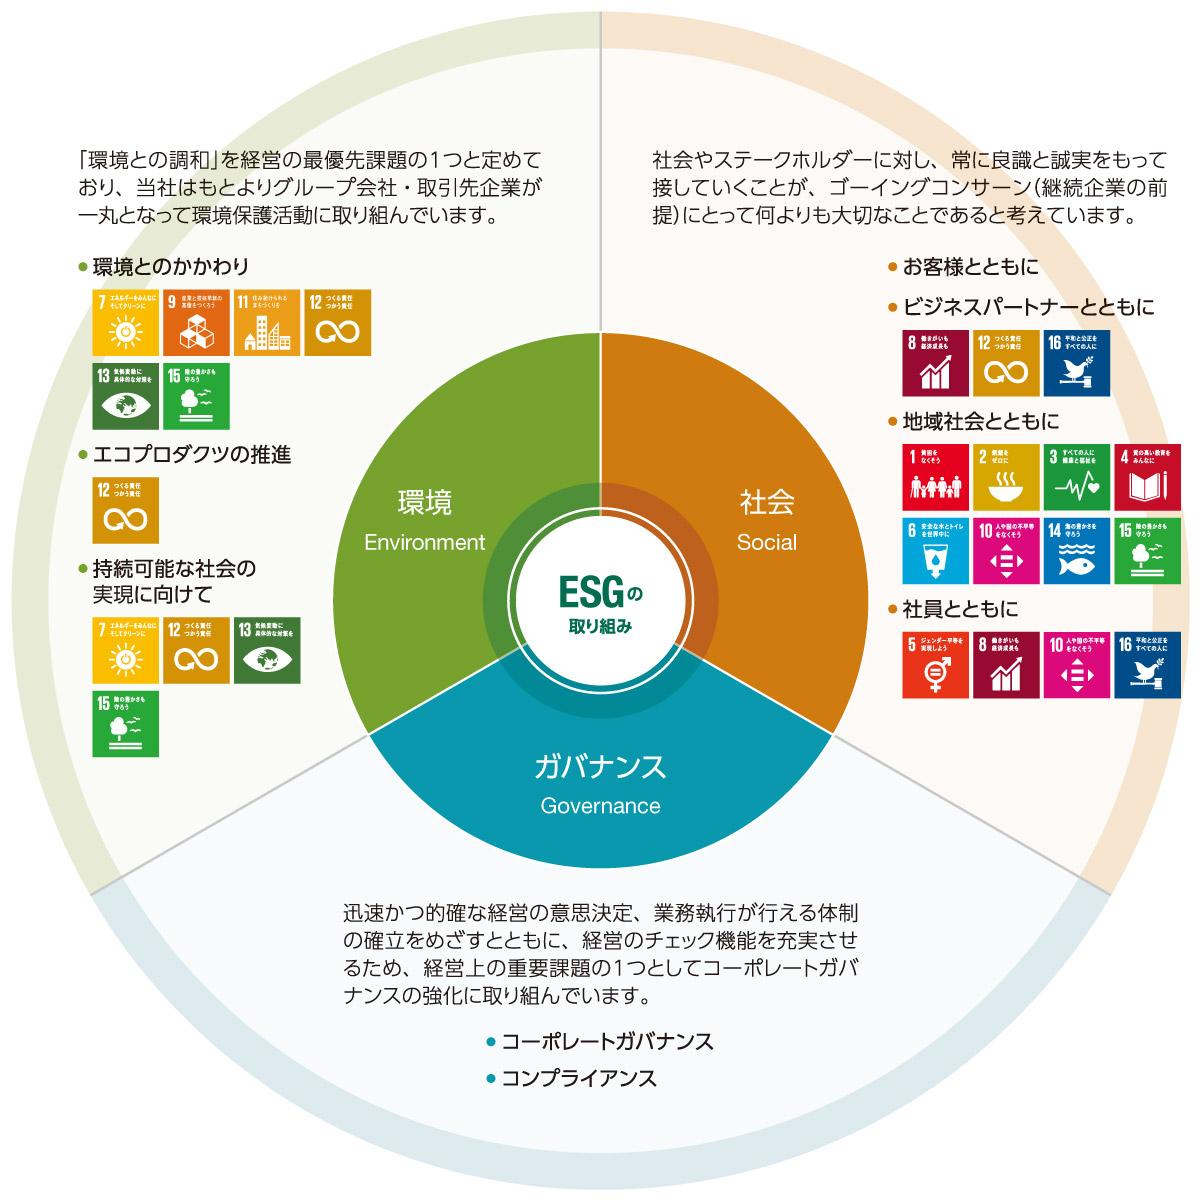 違い esg sdgs 【1枚でわかる】『ESG思考』夫馬 賢治